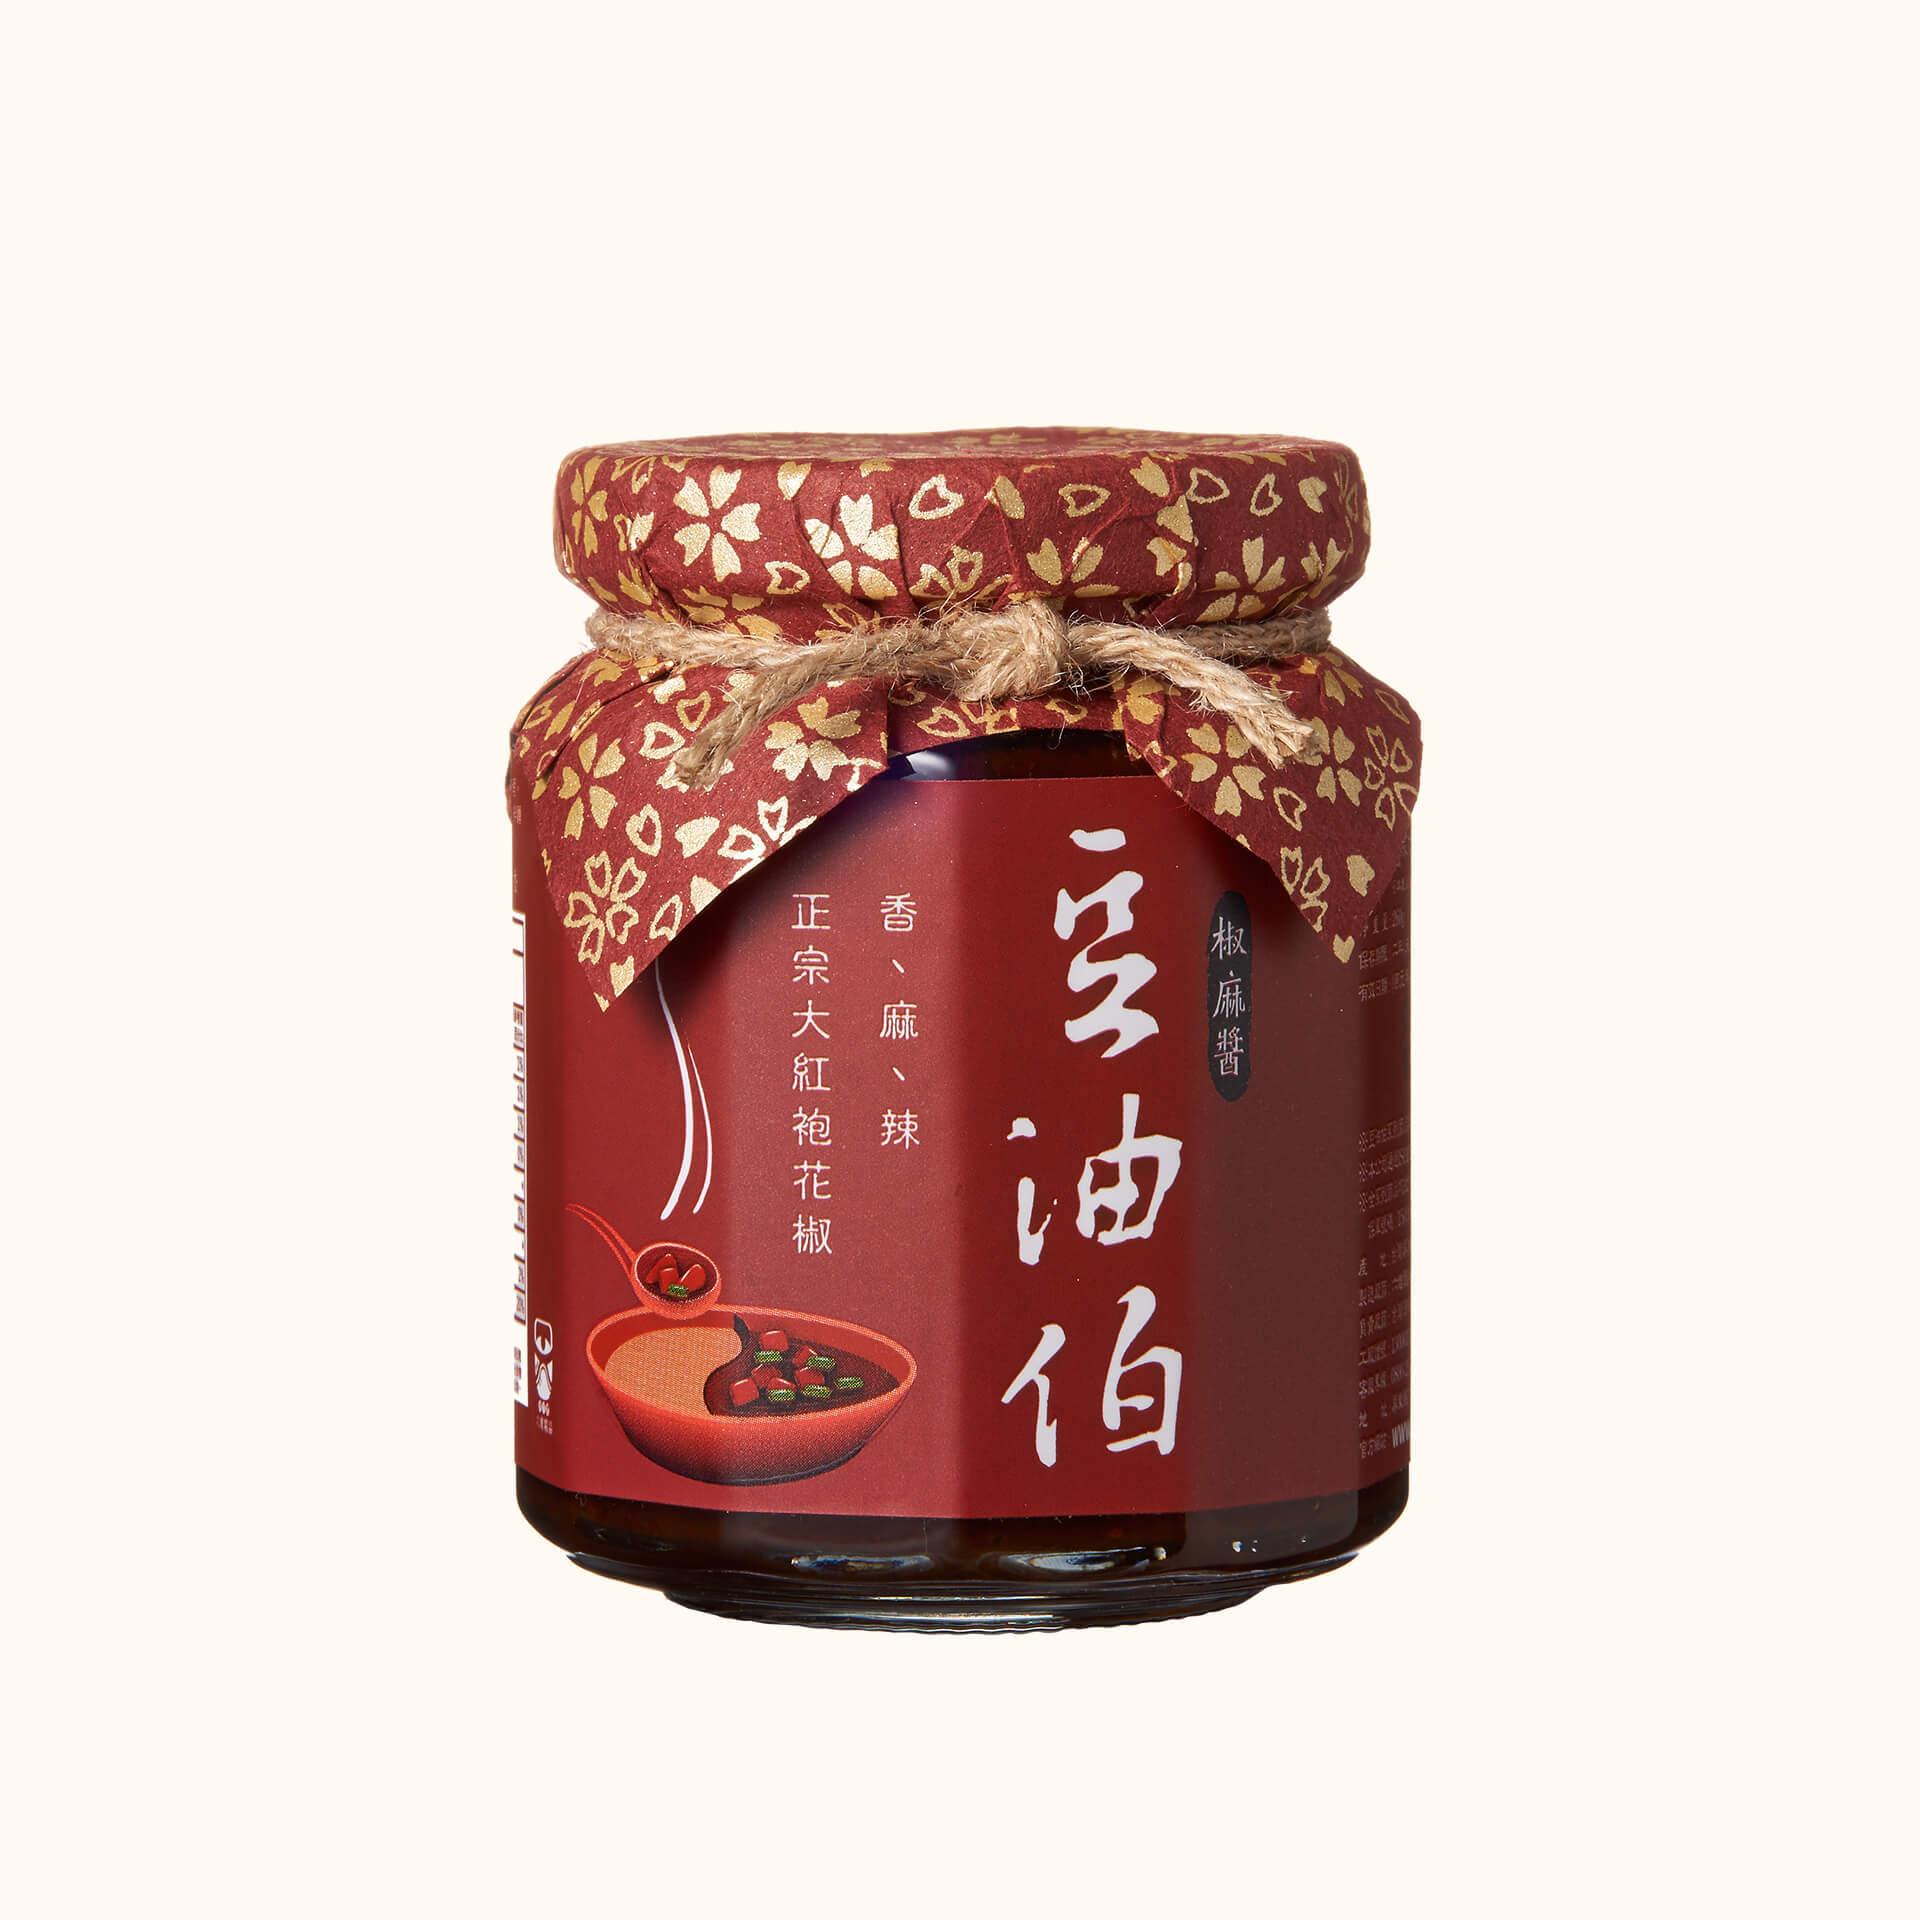 【窗花禮盒】缸底醬油1入+椒麻醬1入+辣豆瓣醬1入(禮盒1組,共3入)(不挑色)